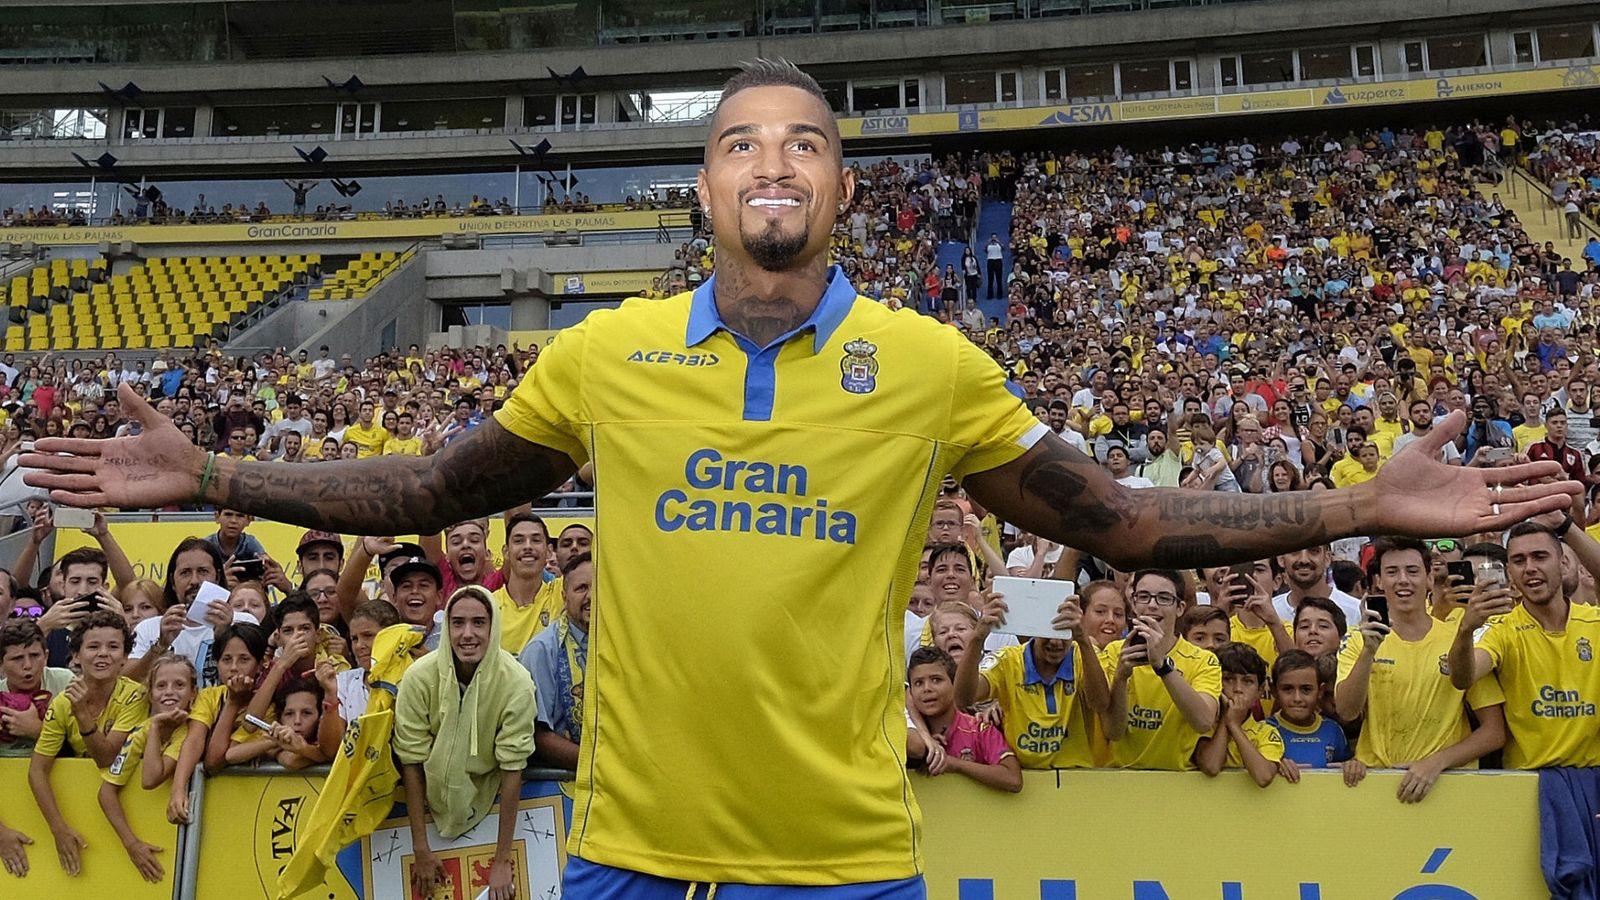 Foto: El atacante Kevin Prince Boateng, durante su presentación en el estadio Gran Canaria tras firmar por Las Palmas. (EFE)